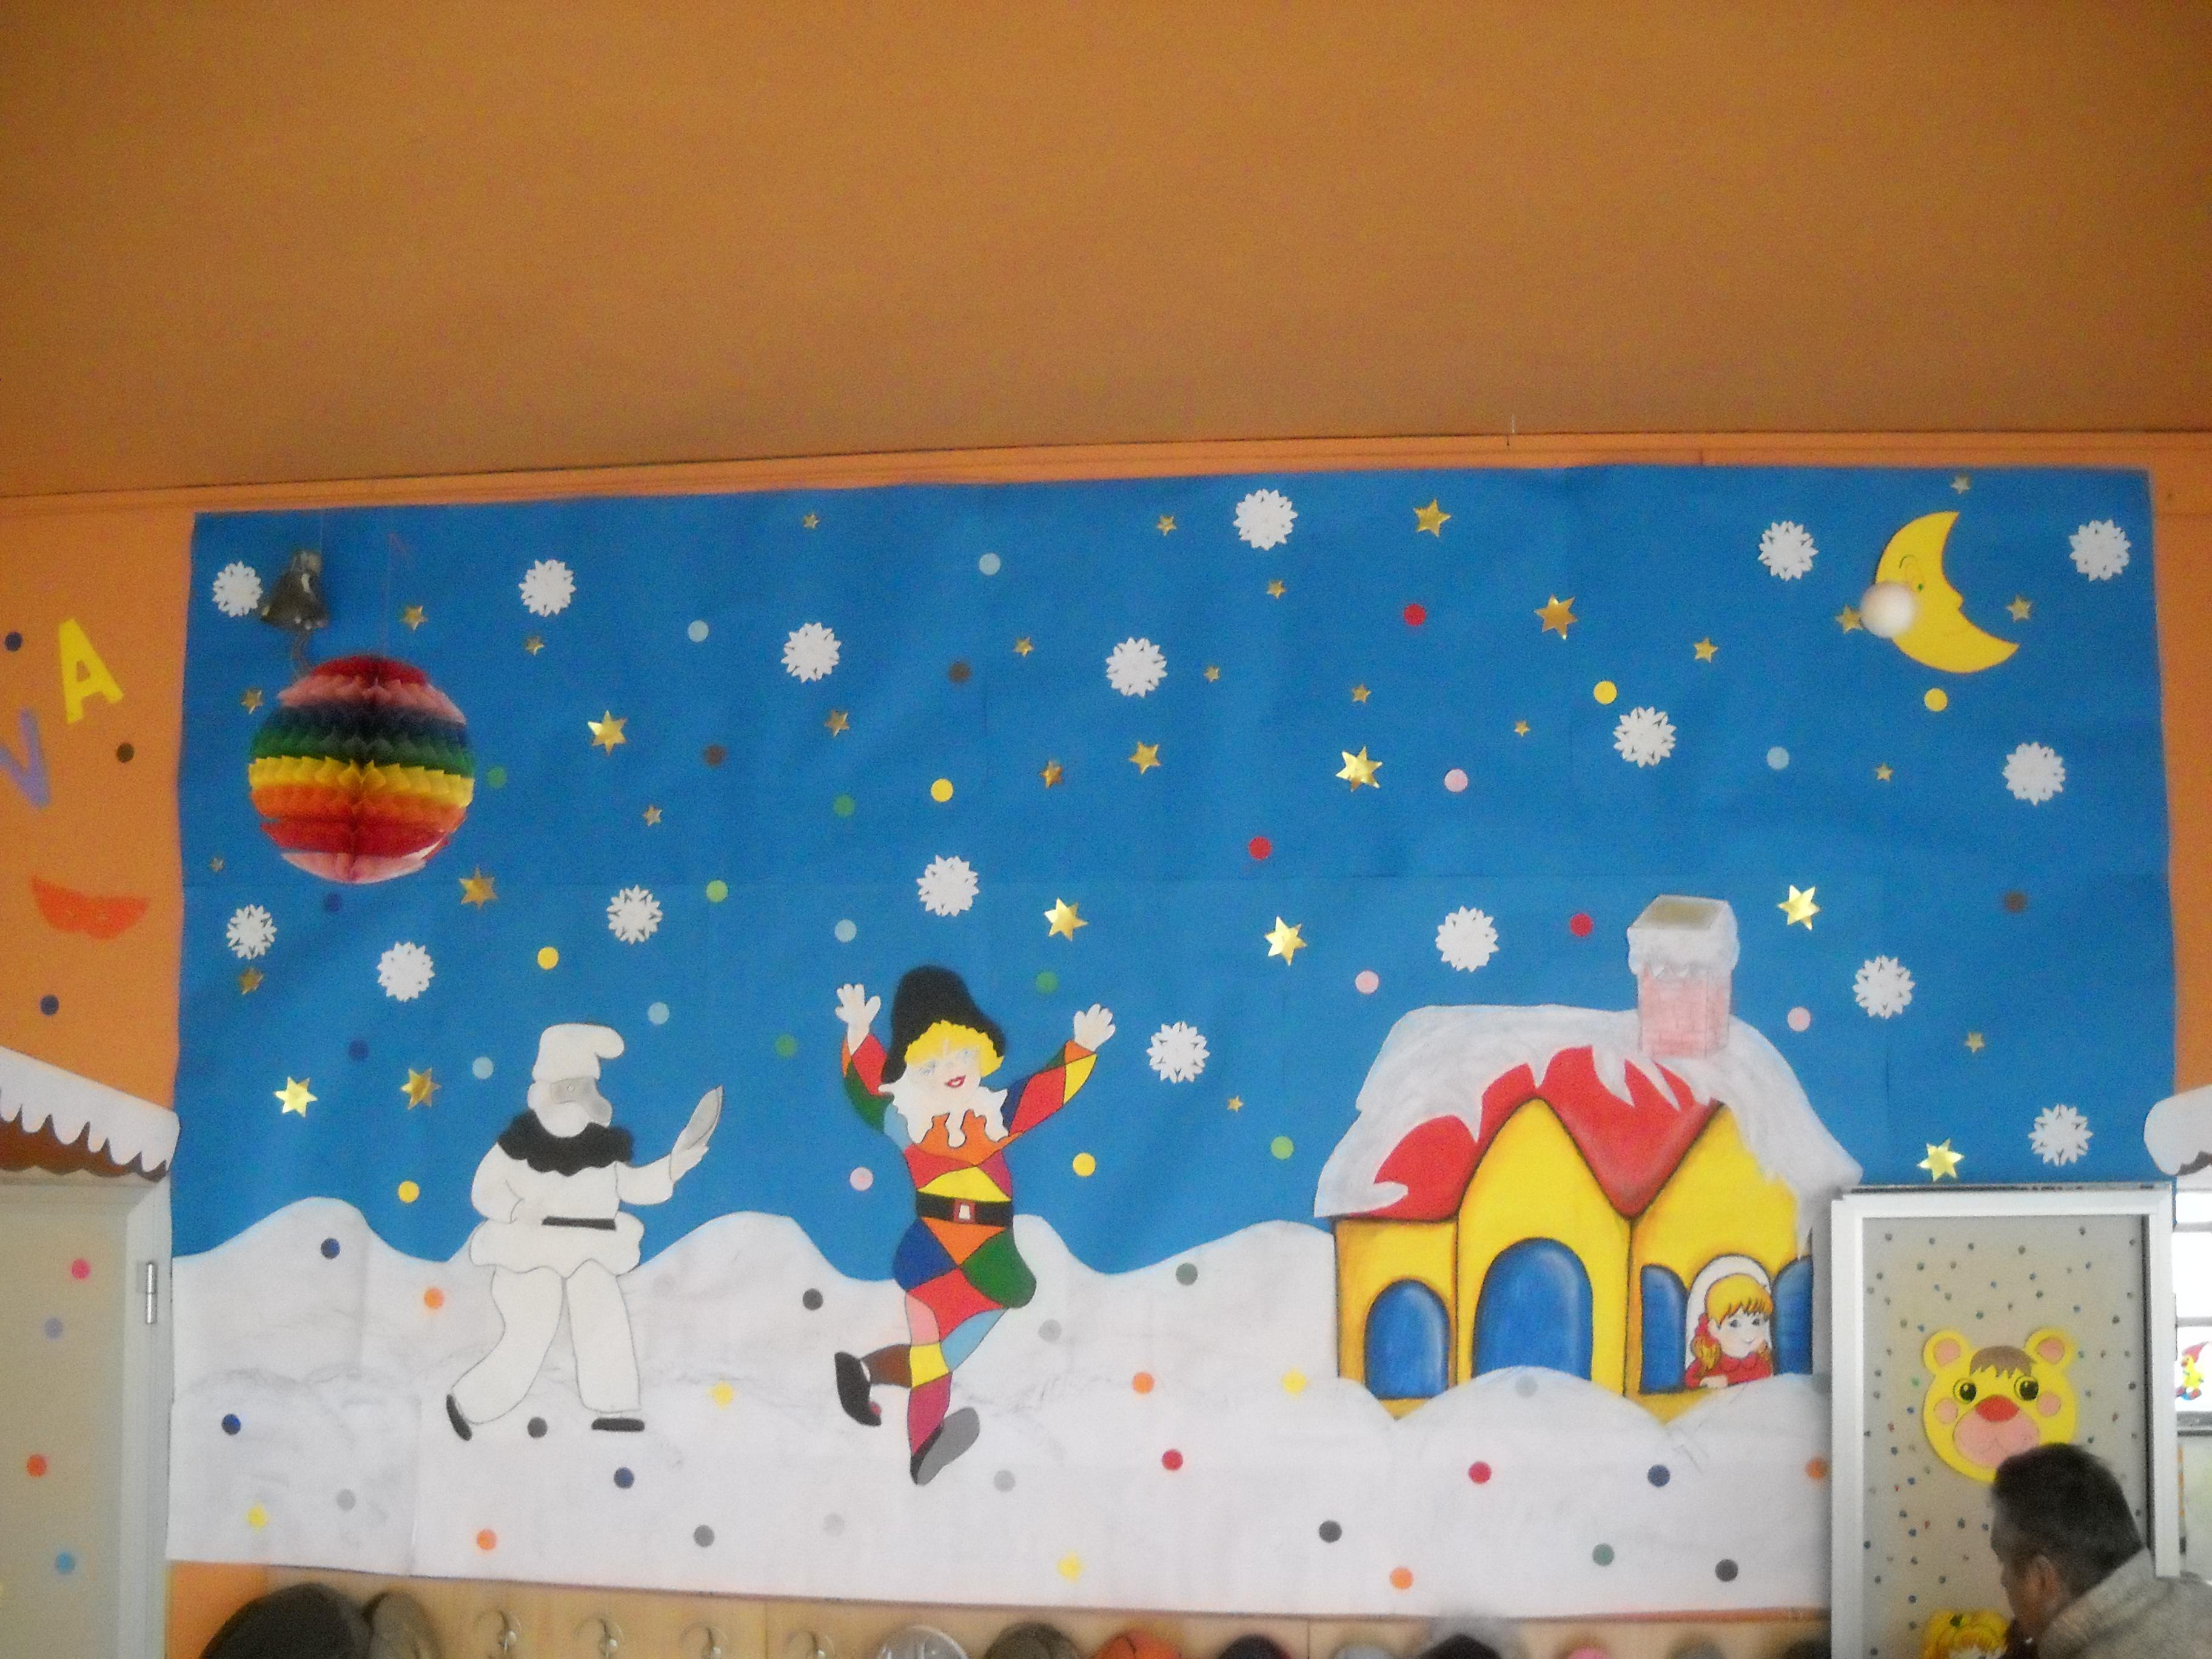 Addobbi inverno scuola infanzia lu13 regardsdefemmes for Addobbi scuola infanzia